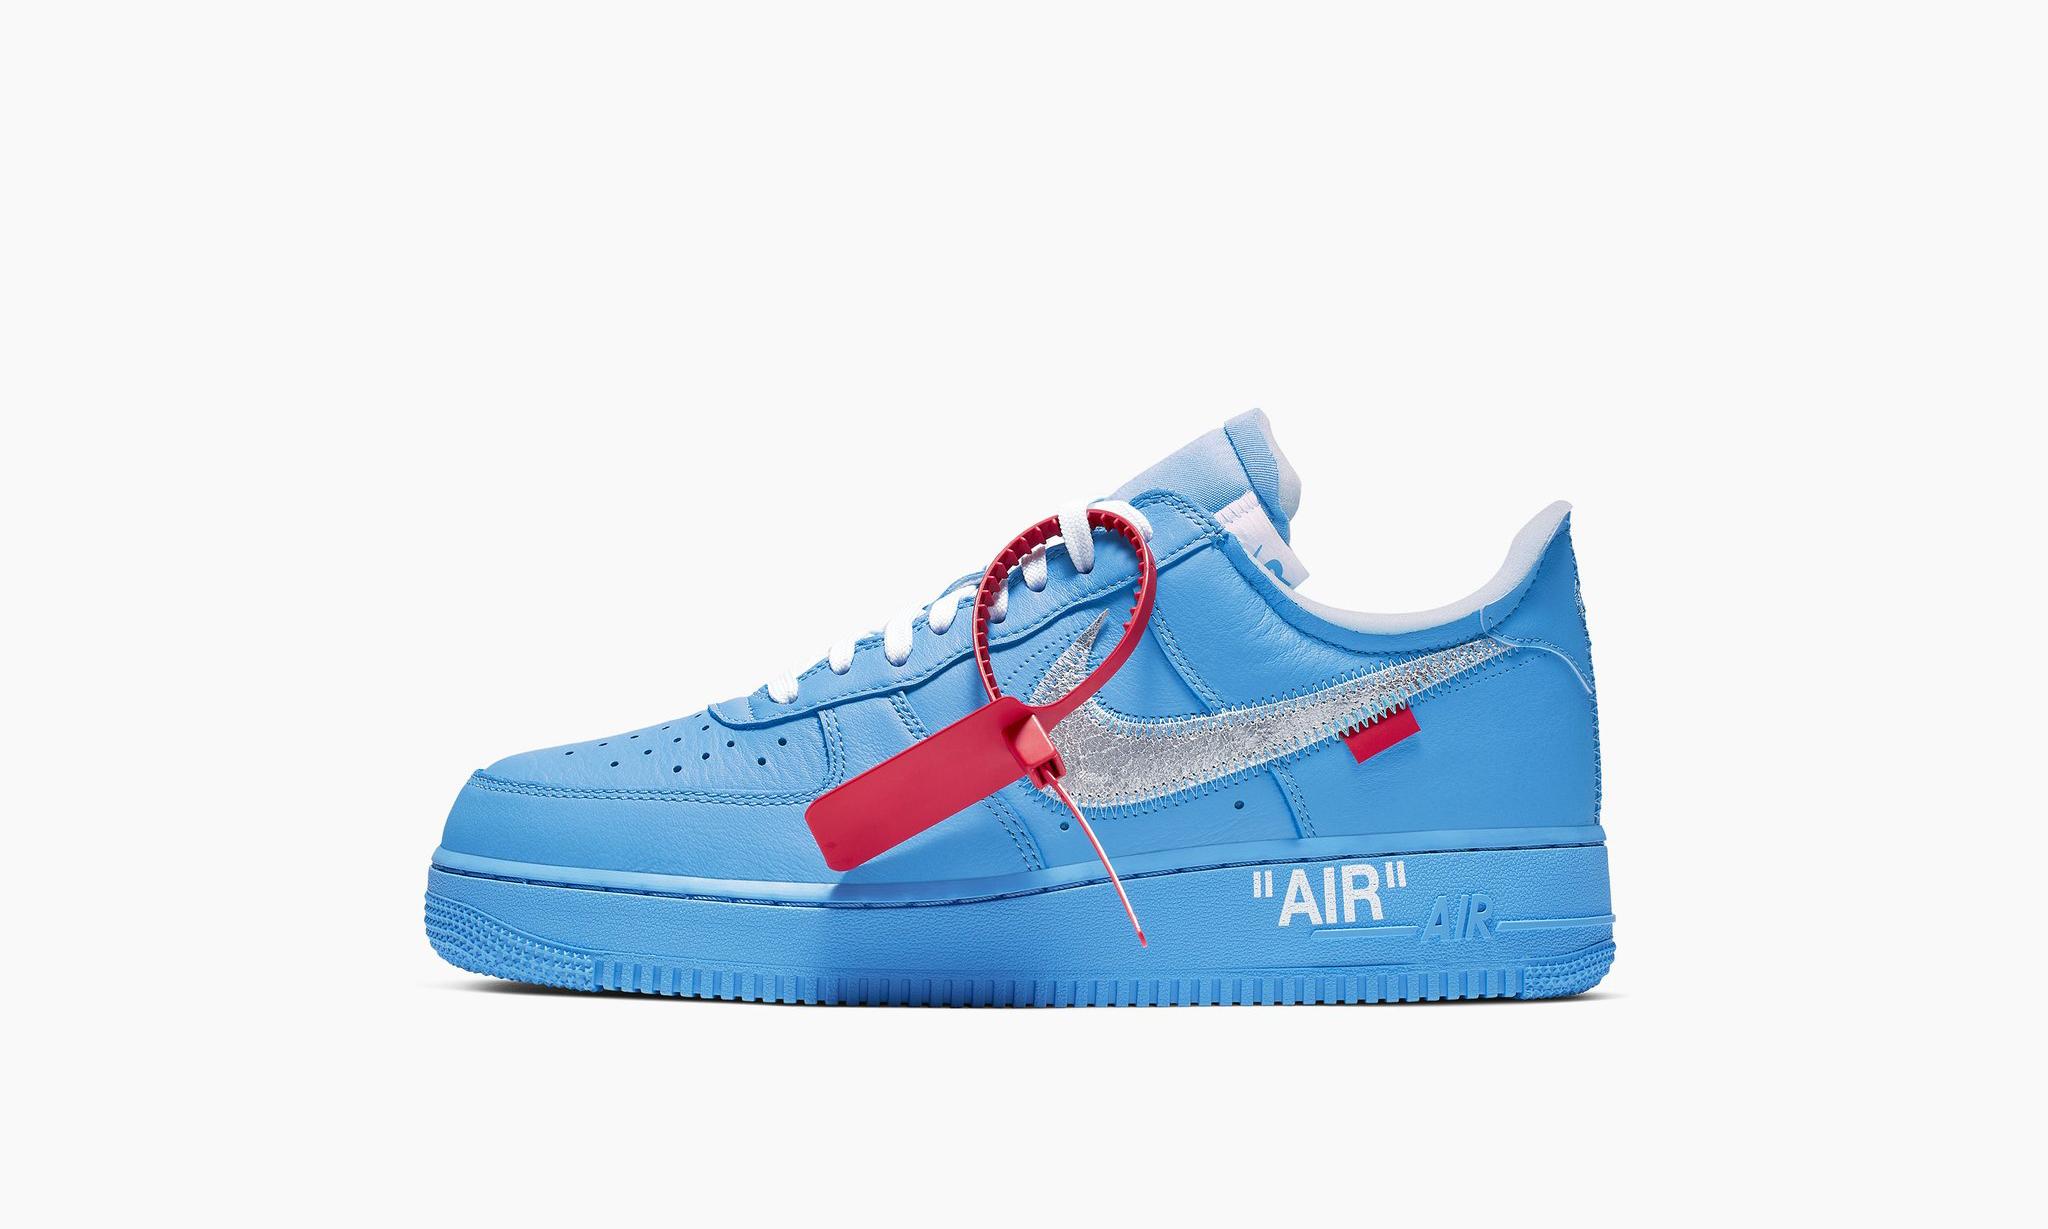 全新 Virgil Abloh x Nike Air Force 1 官方图片及发售方式公开